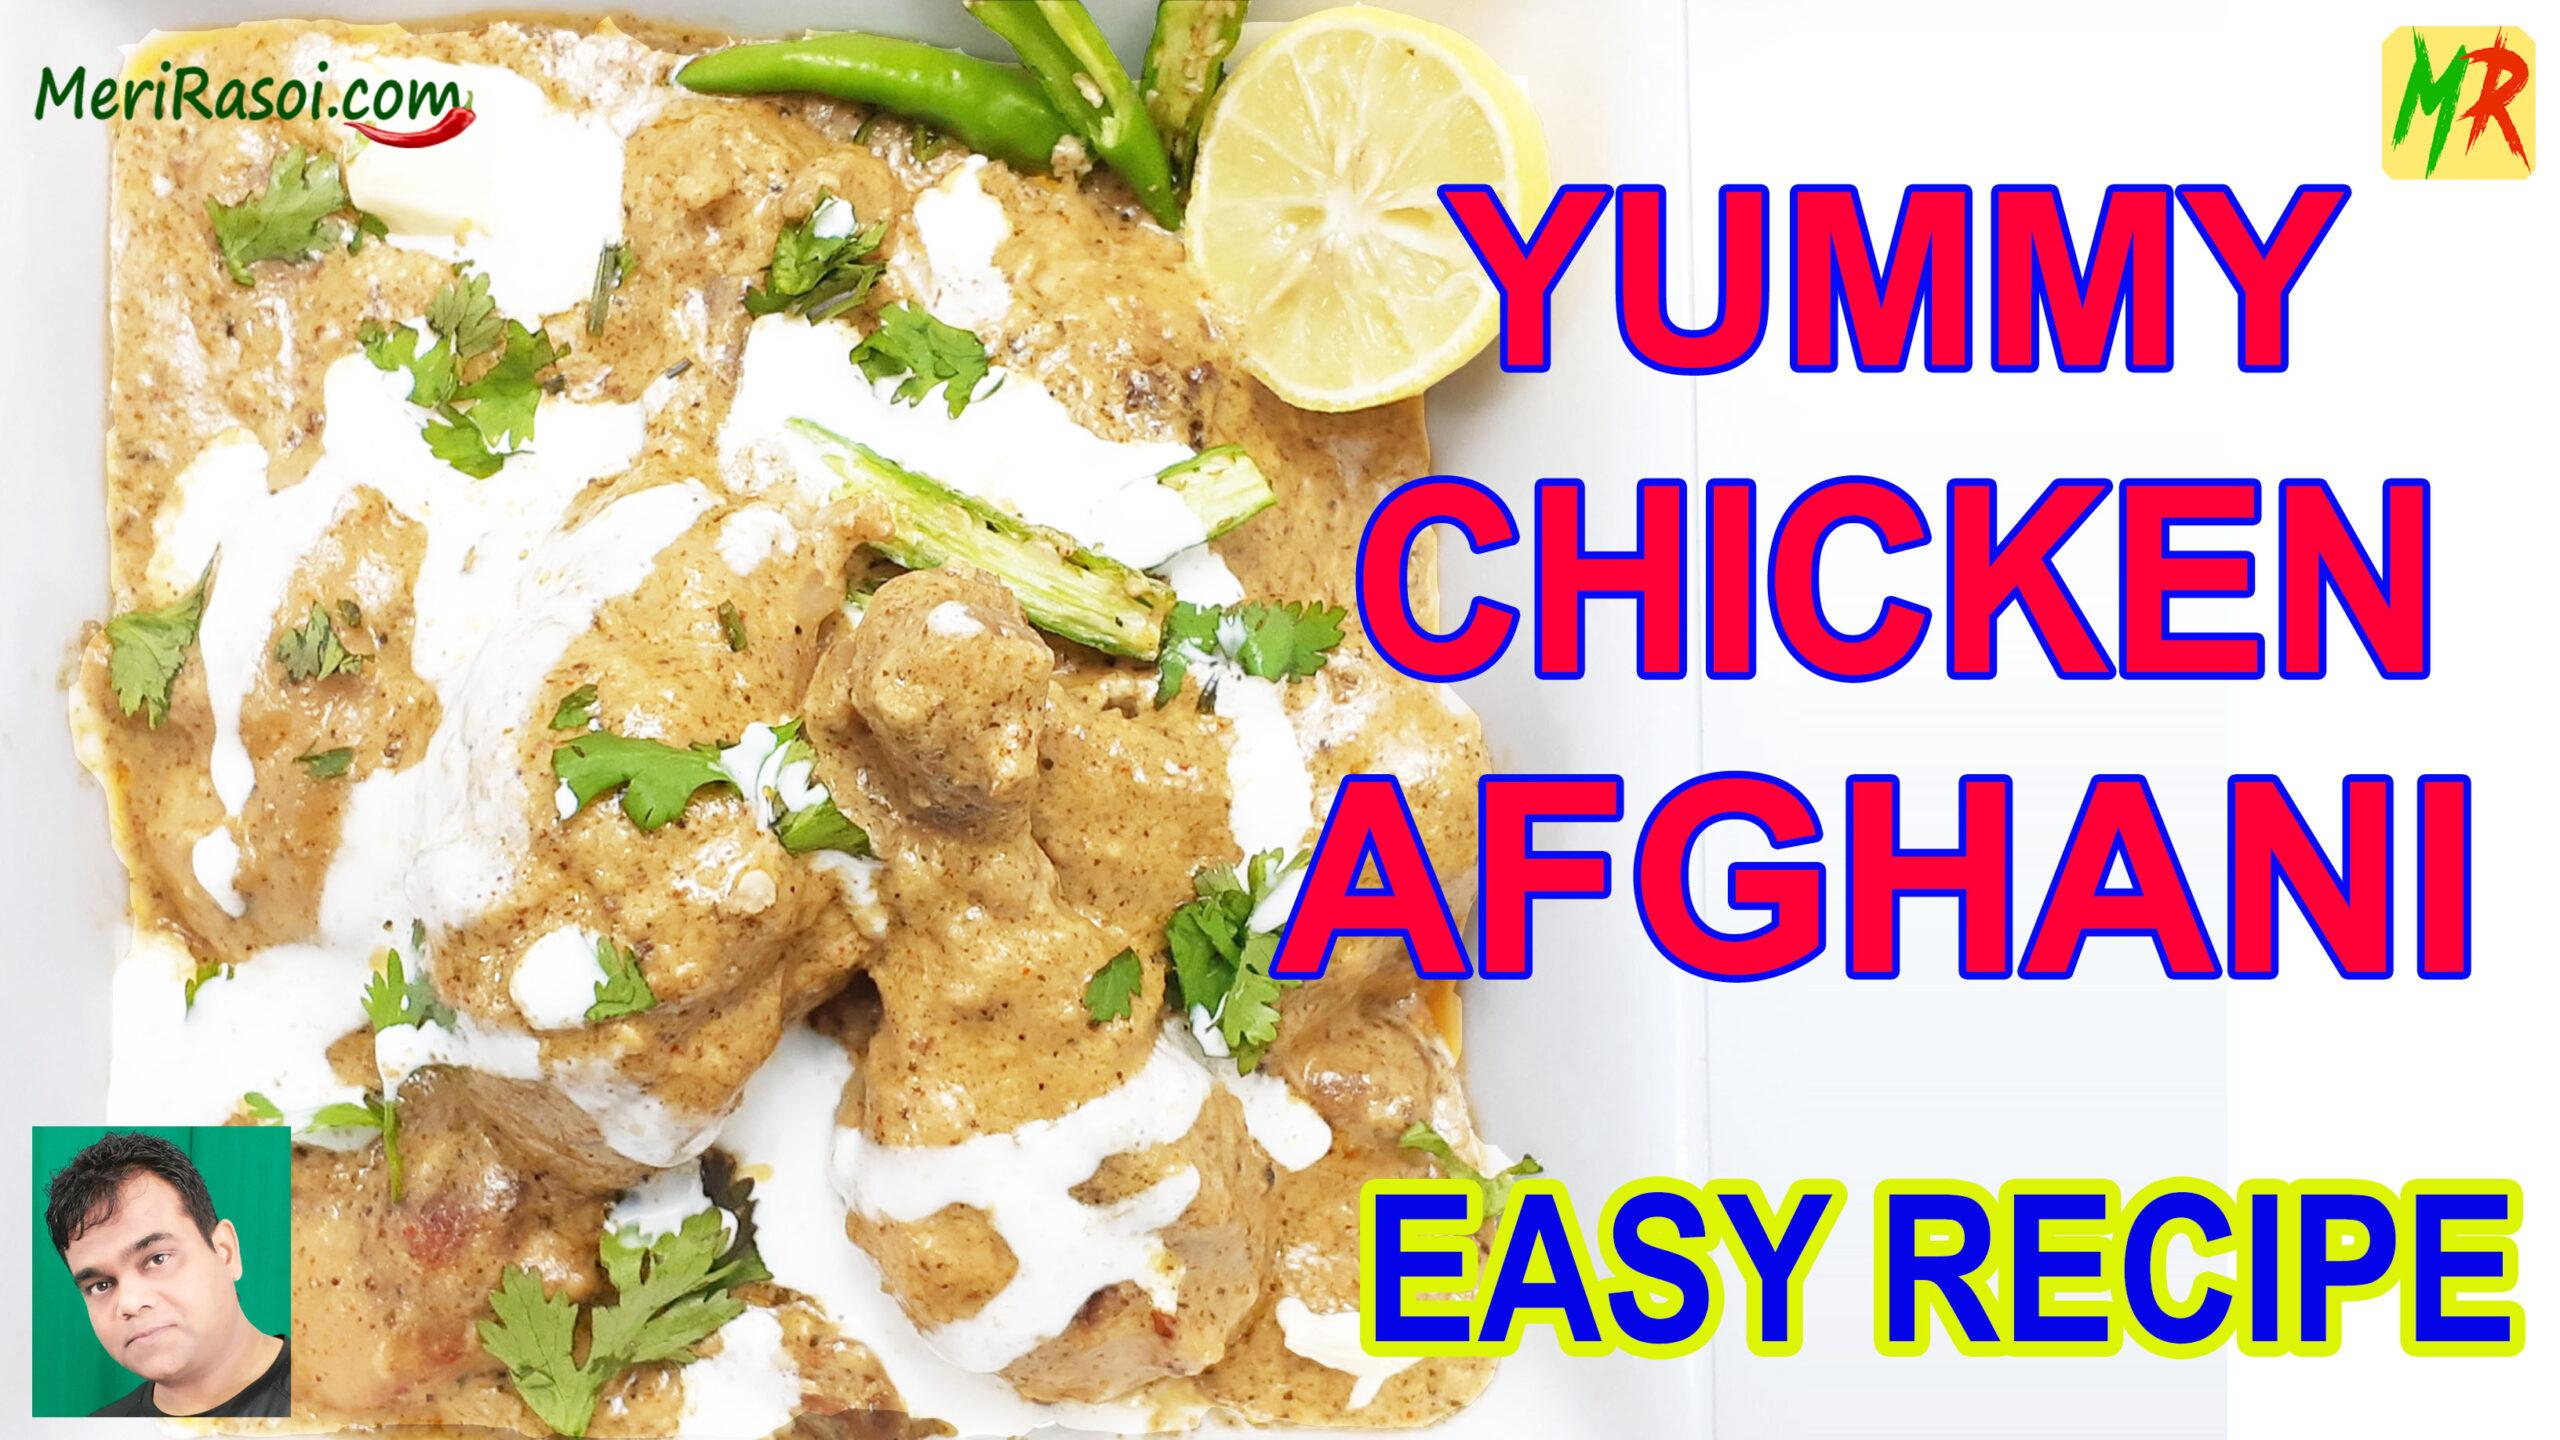 Super Easy Chicken Afghani Recipe | ये चिकन अफगानी खा के अंगुलियाँ चाटते रह जाओगे